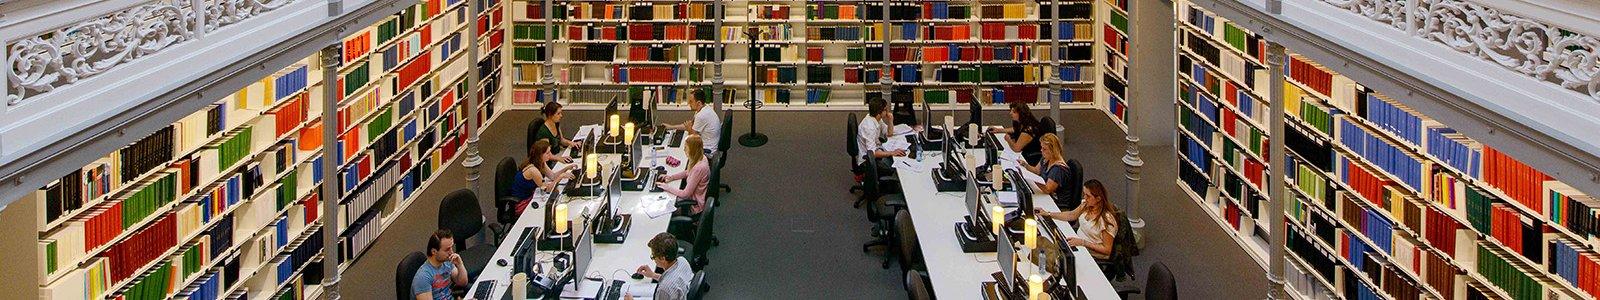 de Kapel in de Universiteitsbibliotheek Binnenstad